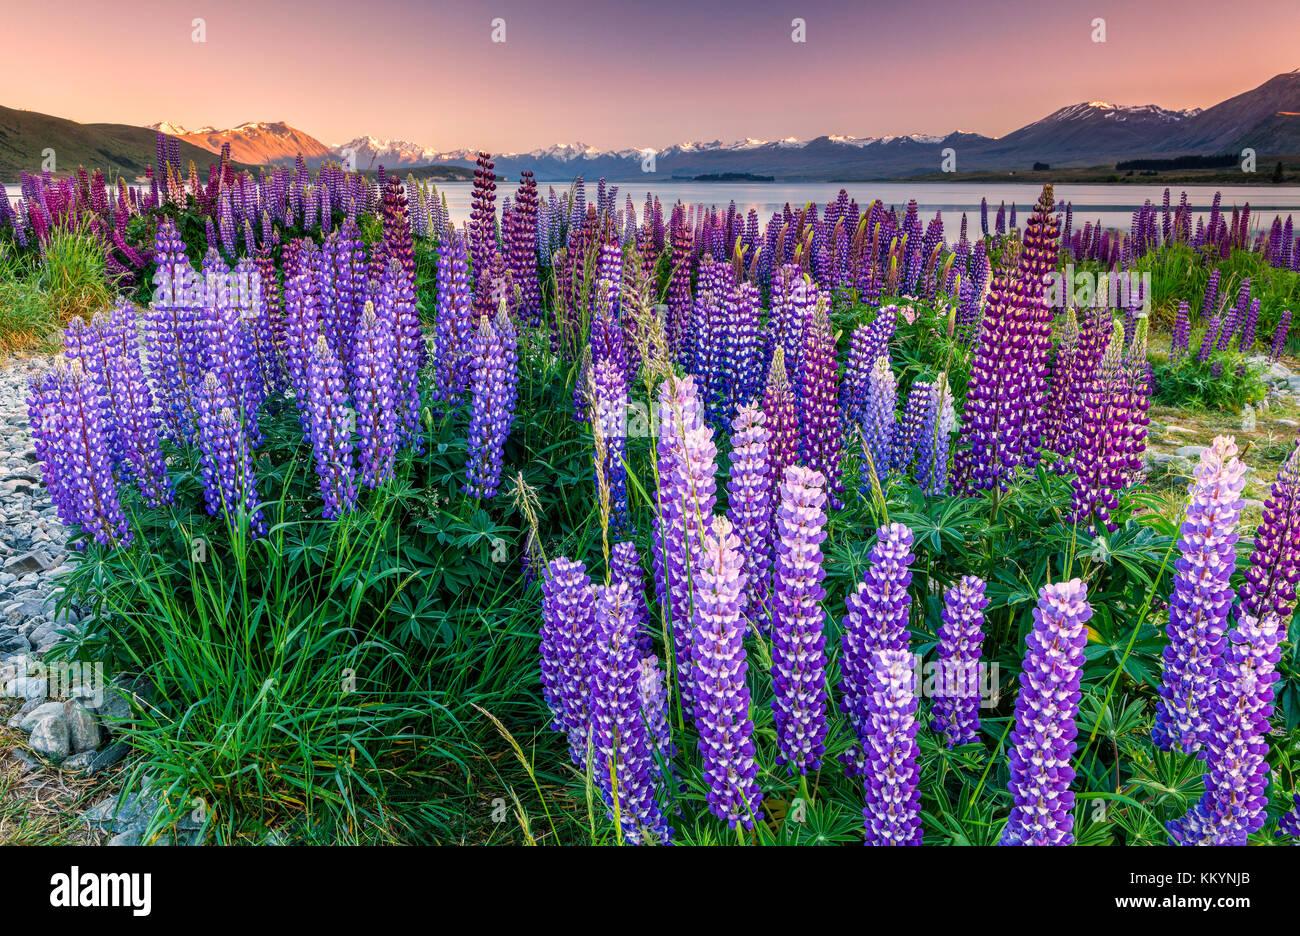 Los altramuces en el Lago Tekapo, Mackenzie País, Nueva Zelandia. Imagen De Stock